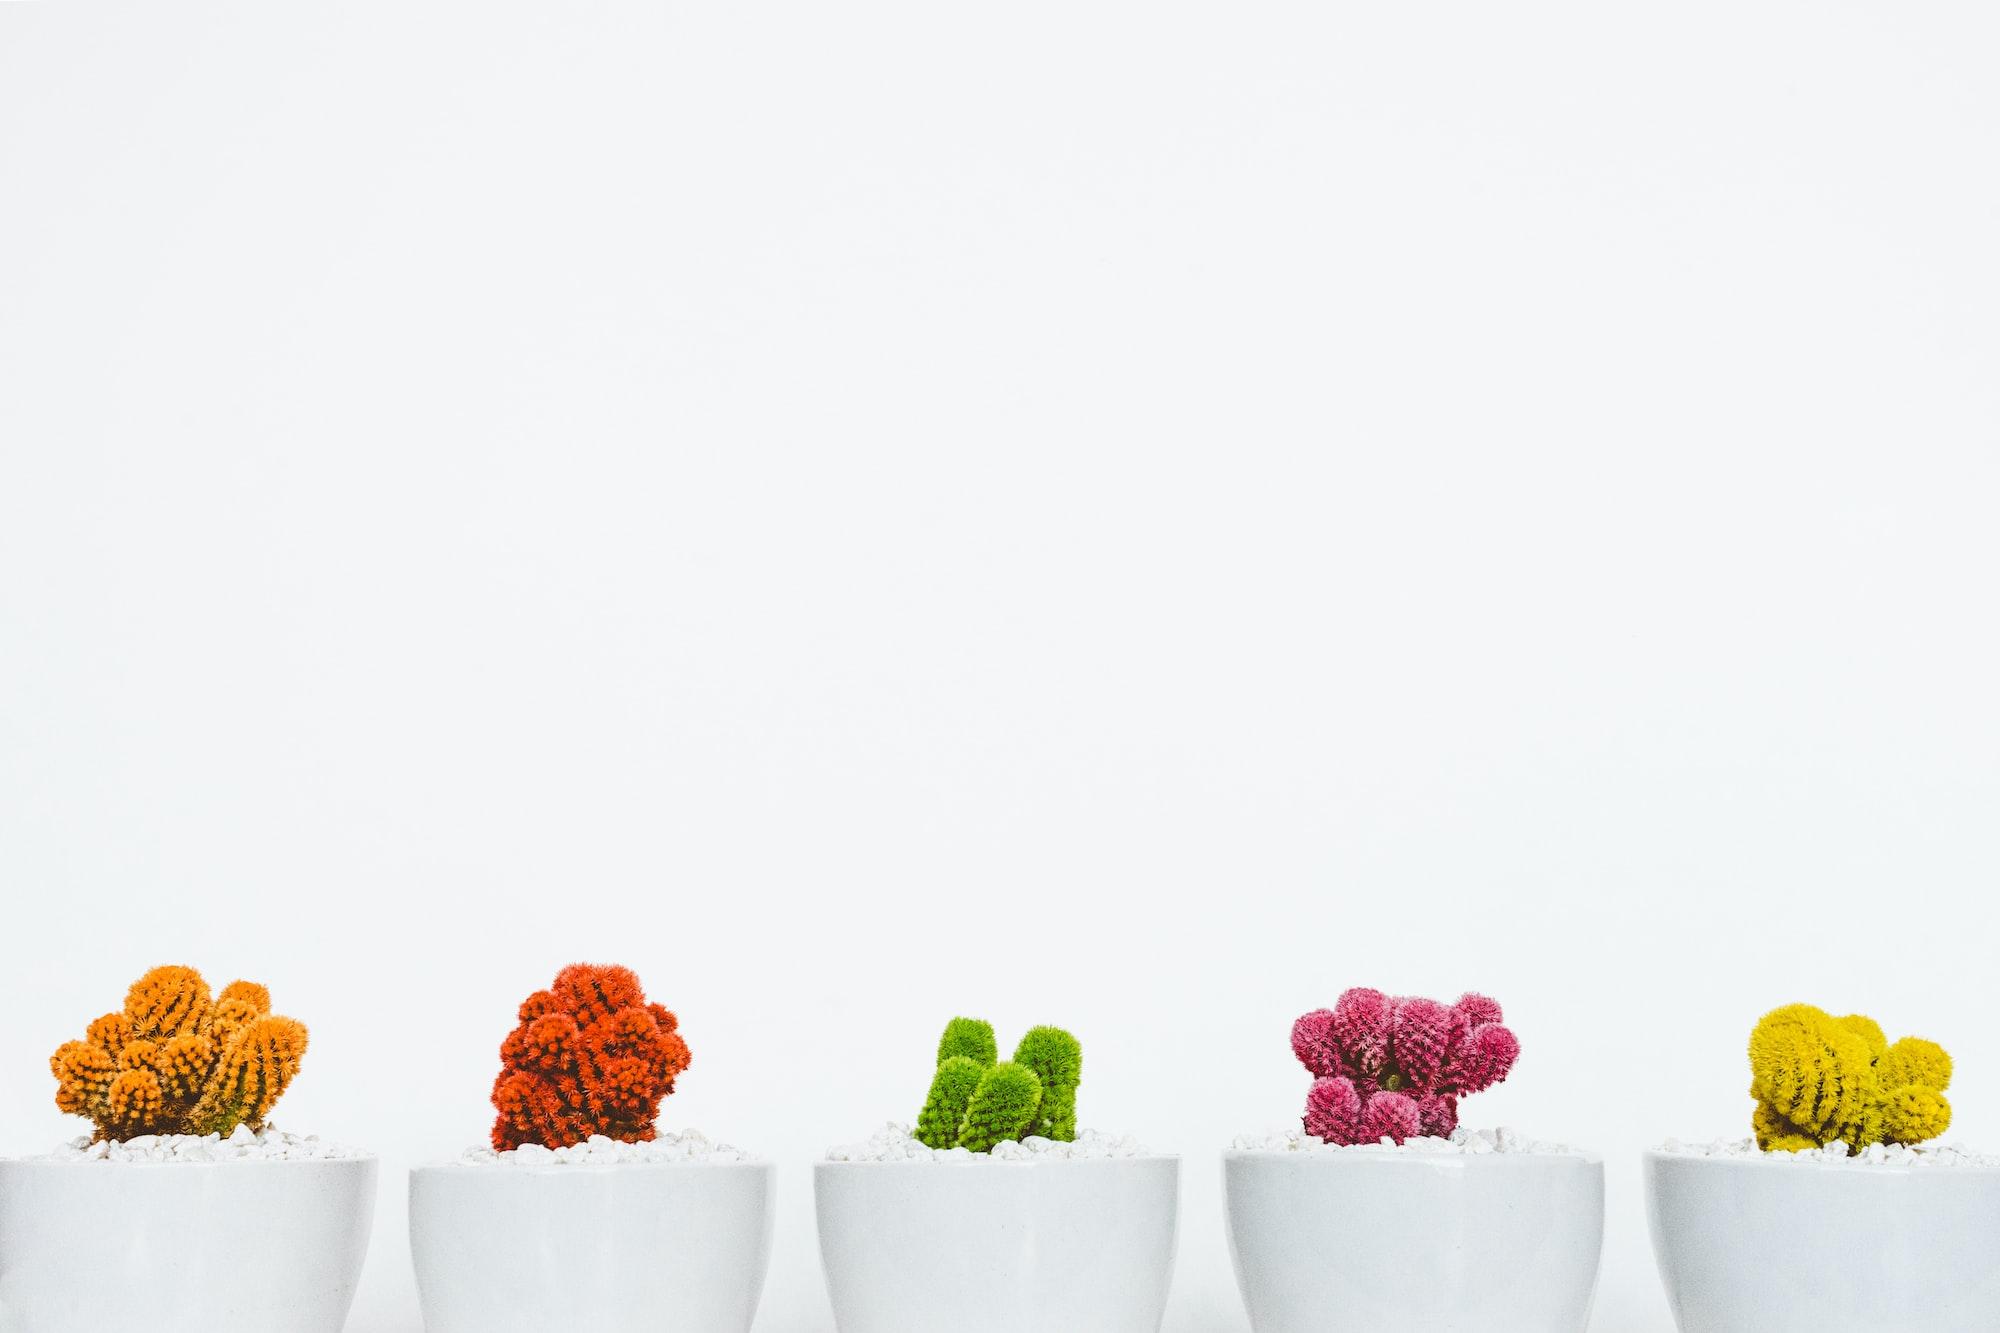 Eflatun, Beyaz, Kokulu Çiçekler Açan Bir Ağaç Bulmaca Anlamı Nedir?